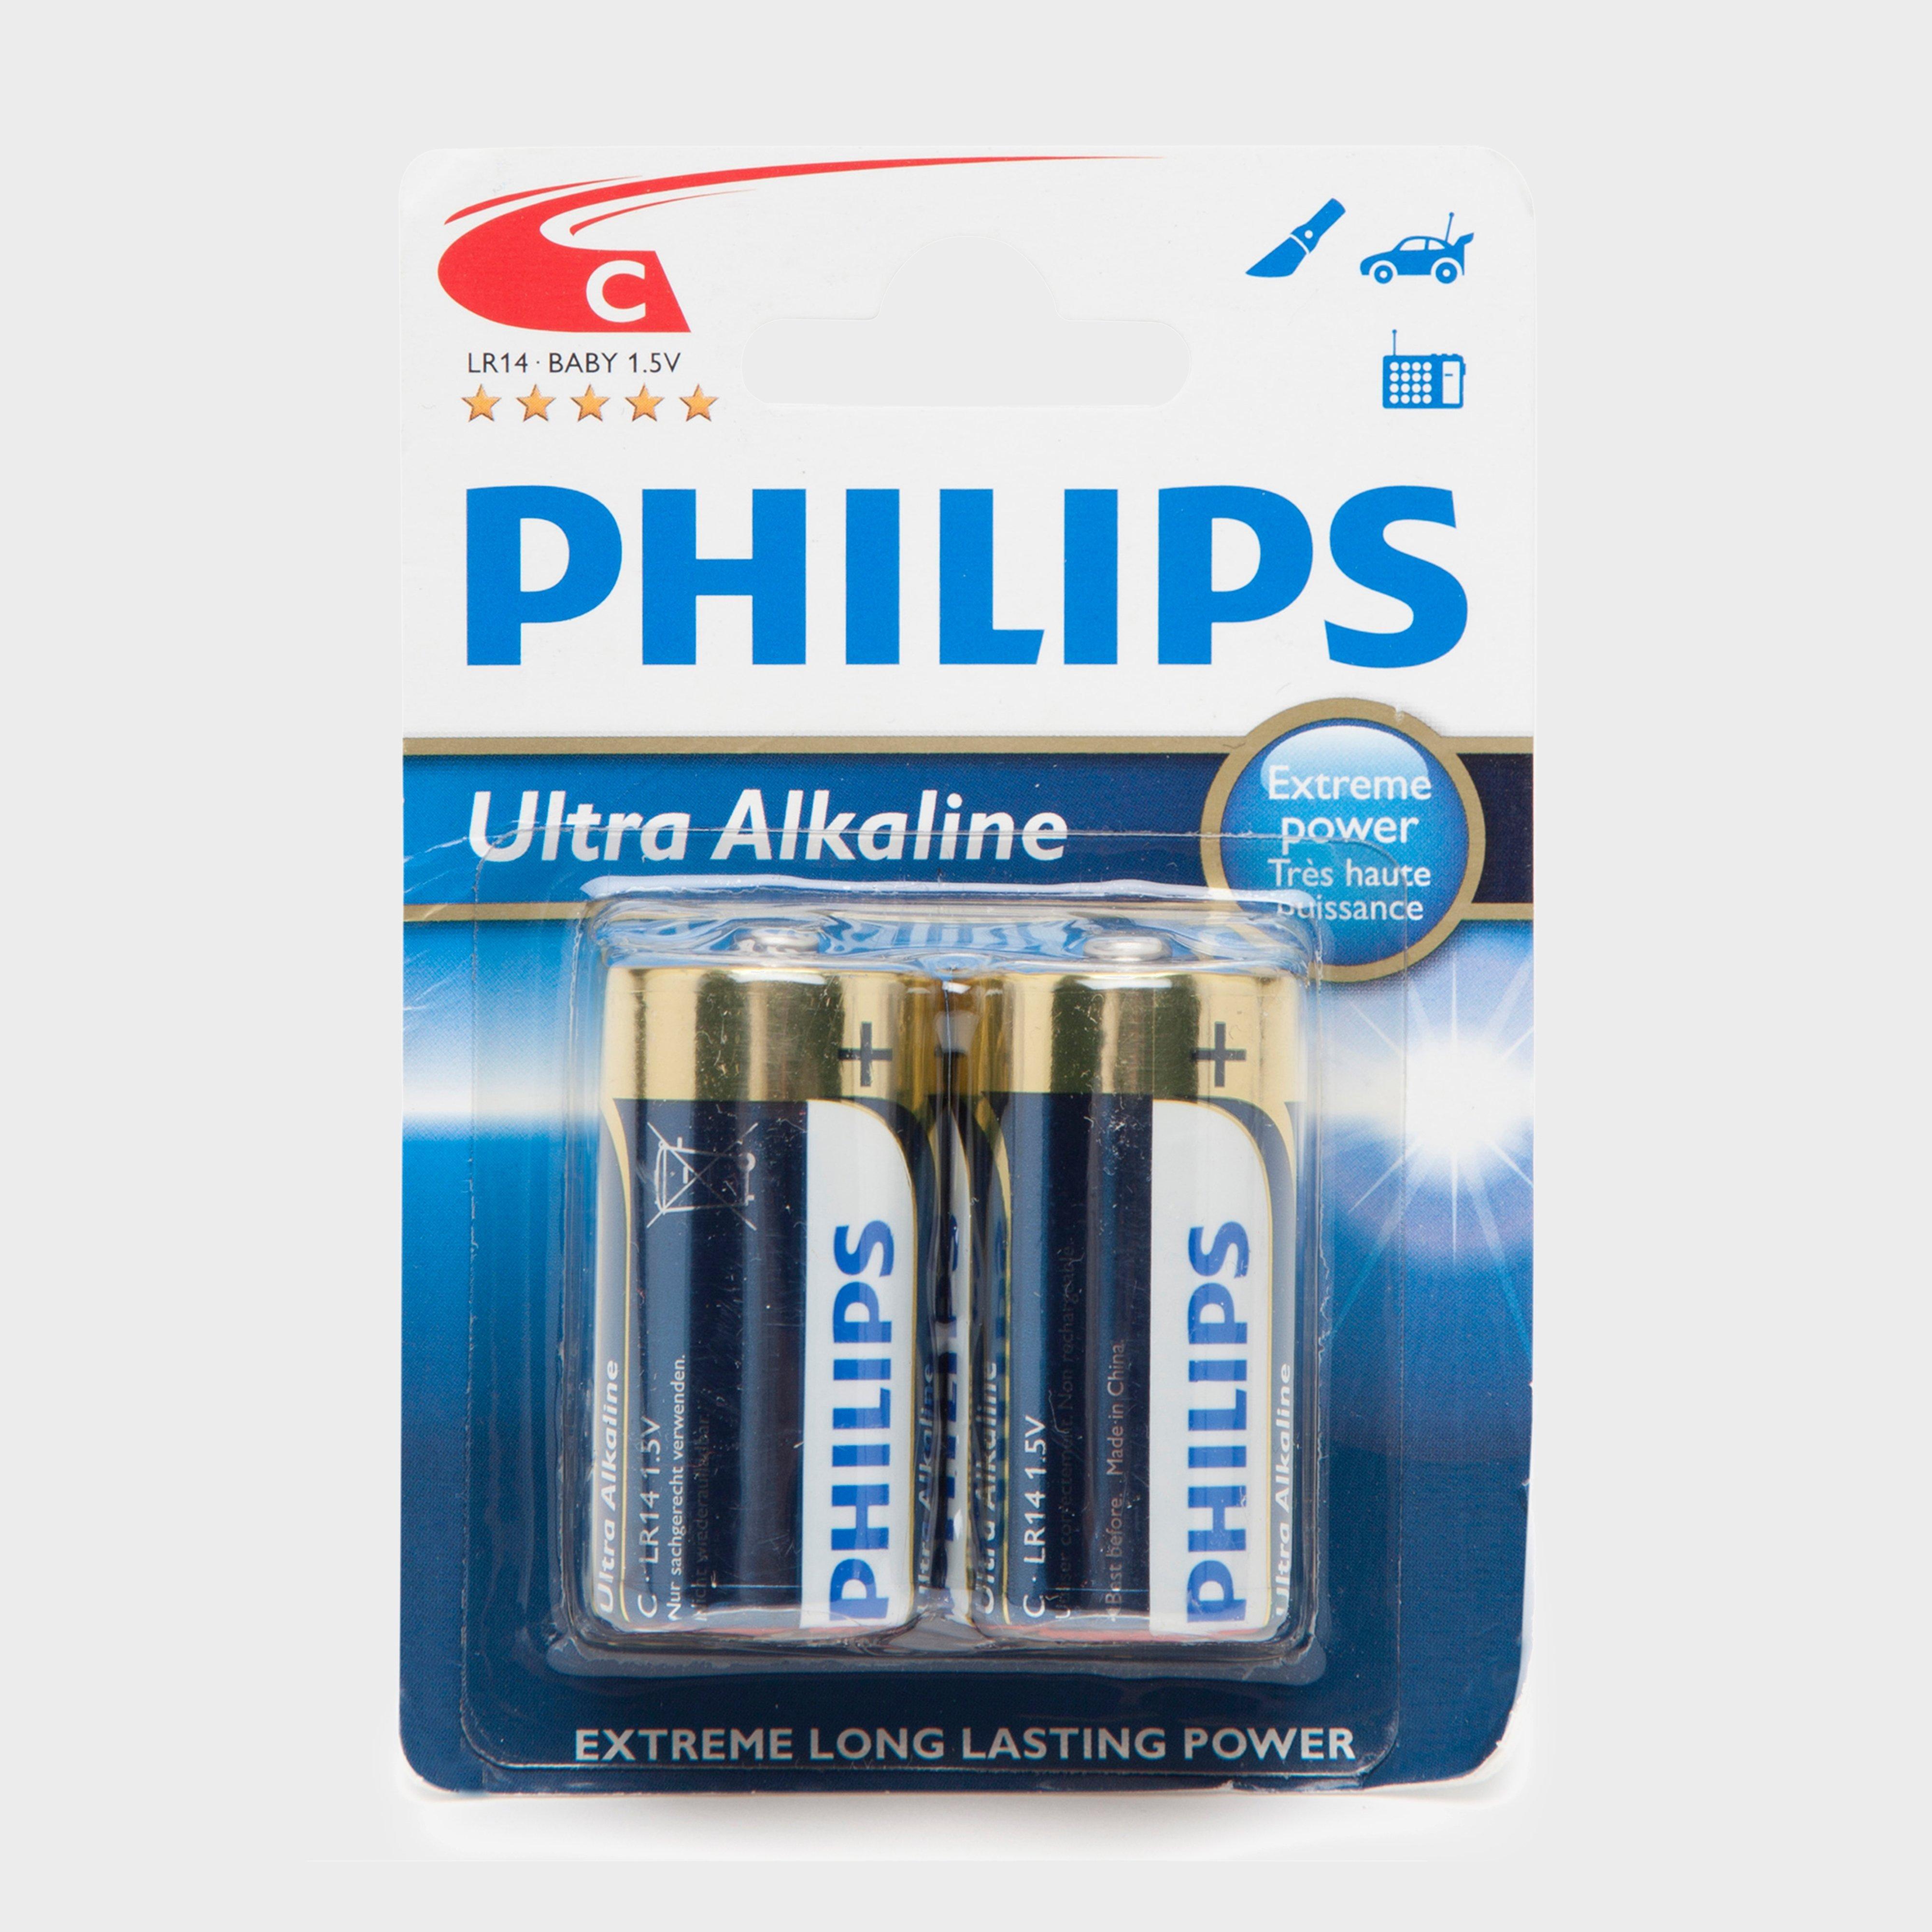 Phillips Ultra Alkaline C LR14 1.5V Batteries 2 Pack, Multi